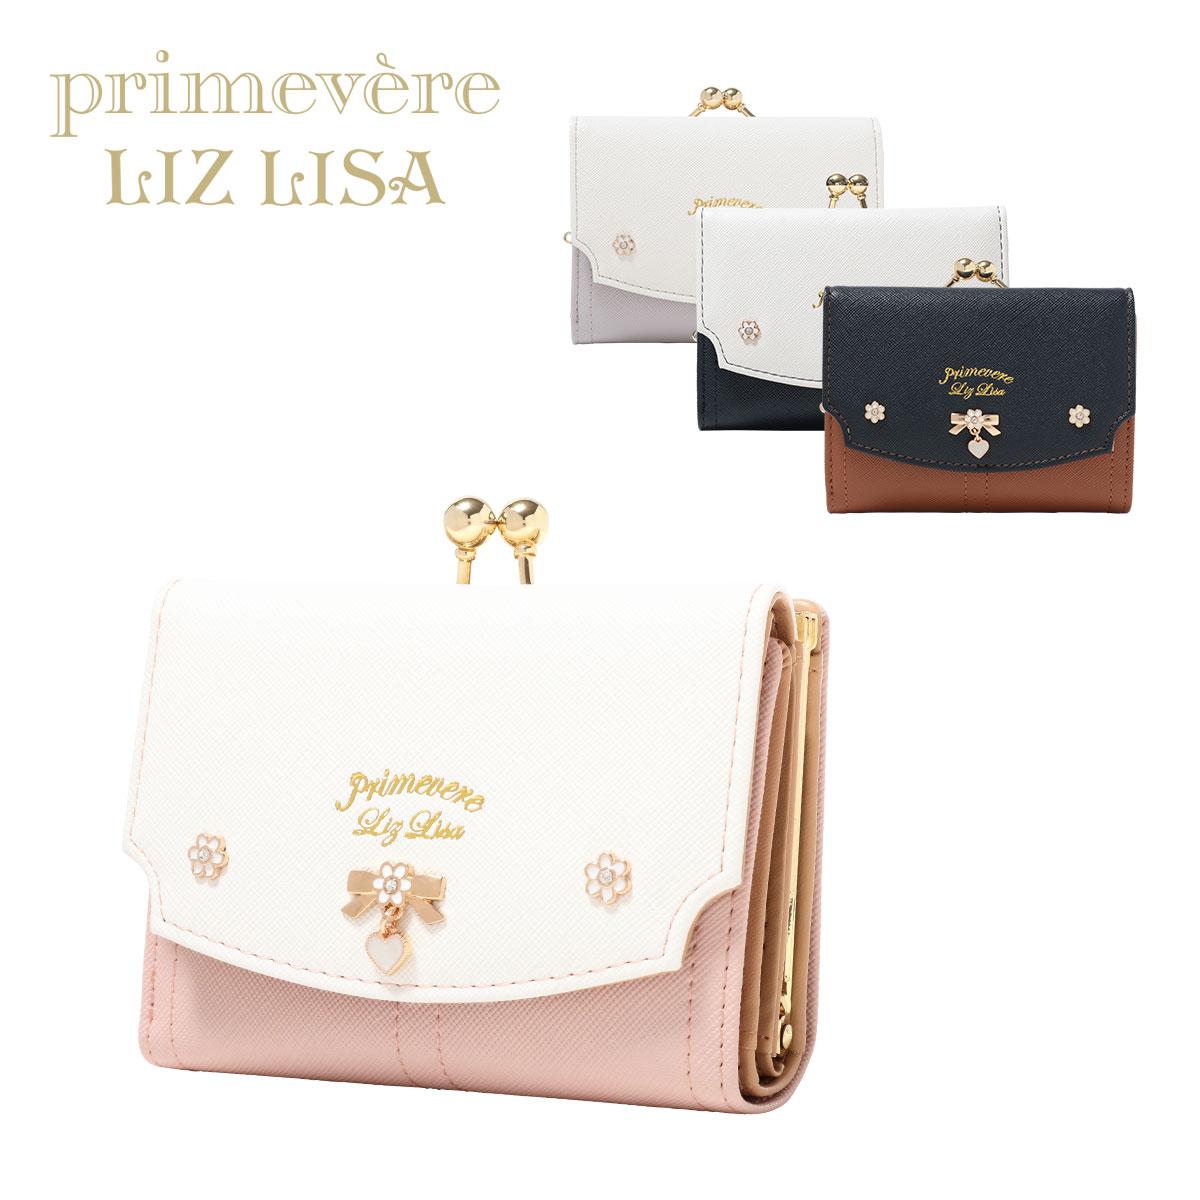 リズリサ ミニ財布 がま口 レディース ジンジャー 64467 LIZ LISA コンパクト 使いやすい口金式 ブランド専用BOX付き[PO5][bef][初売り]